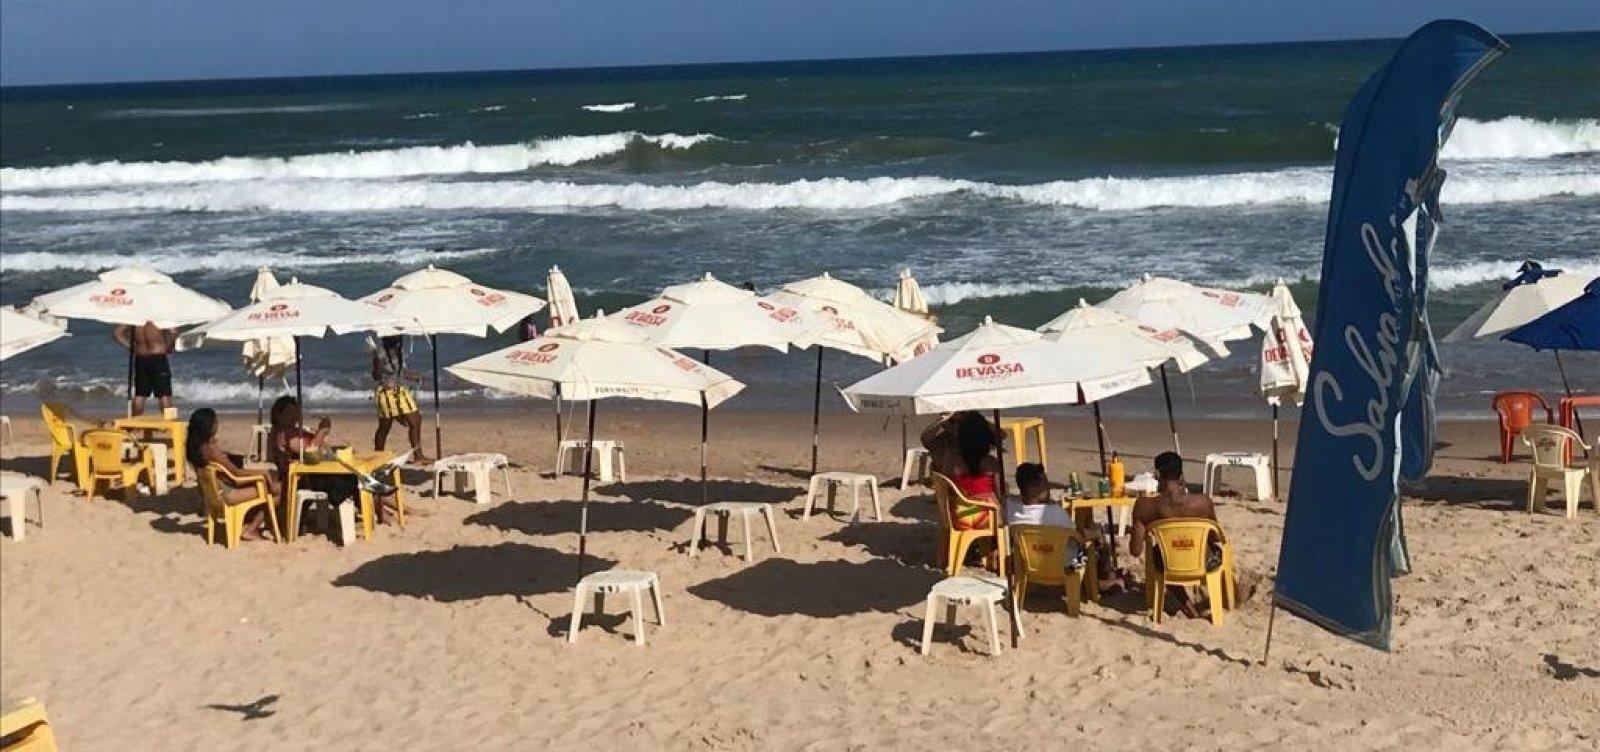 Bar loteia faixa de areia em Patamares e cobra R$ 30 por pessoa para sentar em mesa